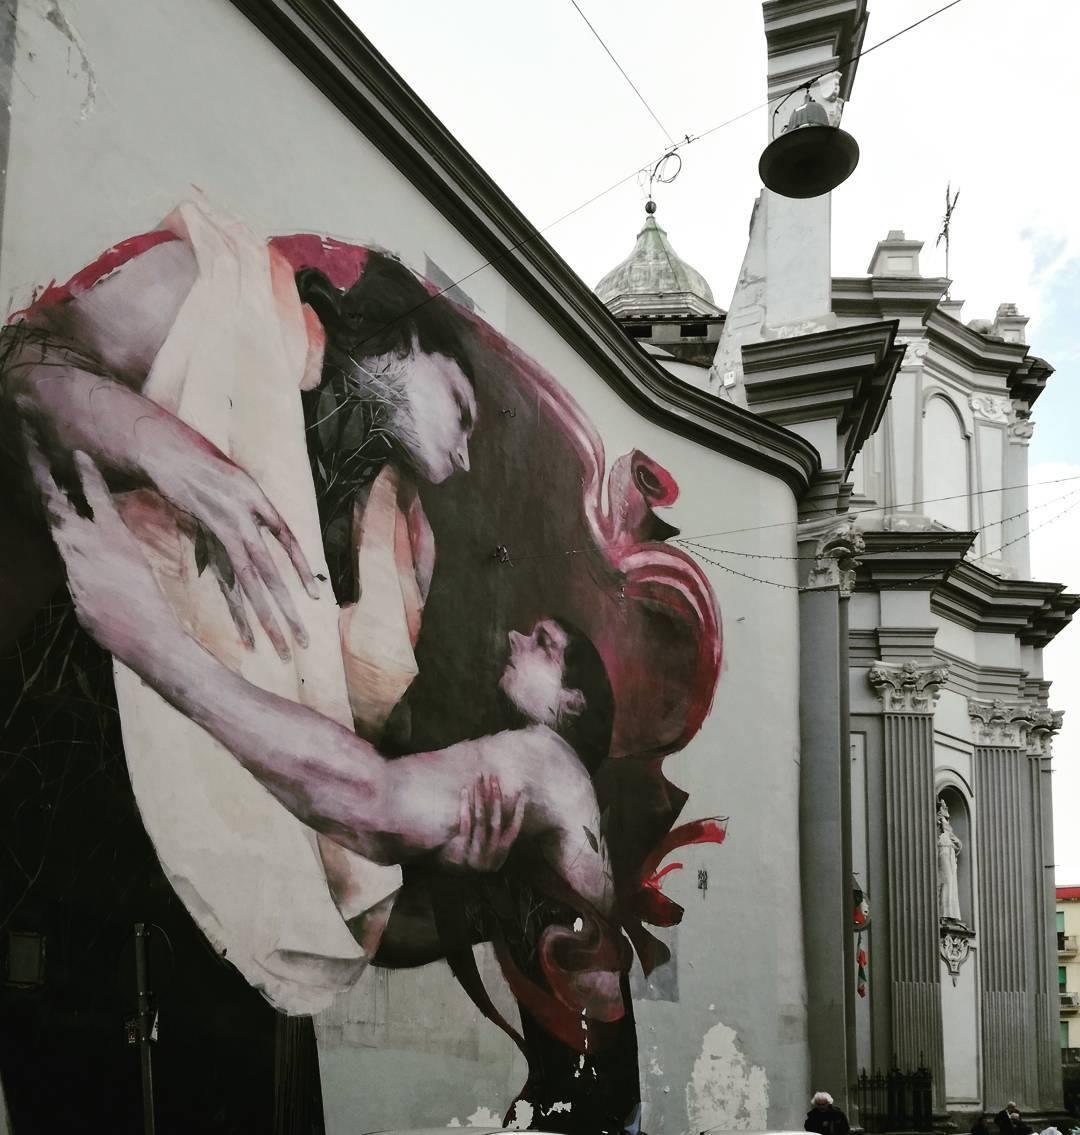 bosoletti murale basilique streetart peinture eglise arturbain - Les peintures murales de Bosoletti se révèlent en négatif